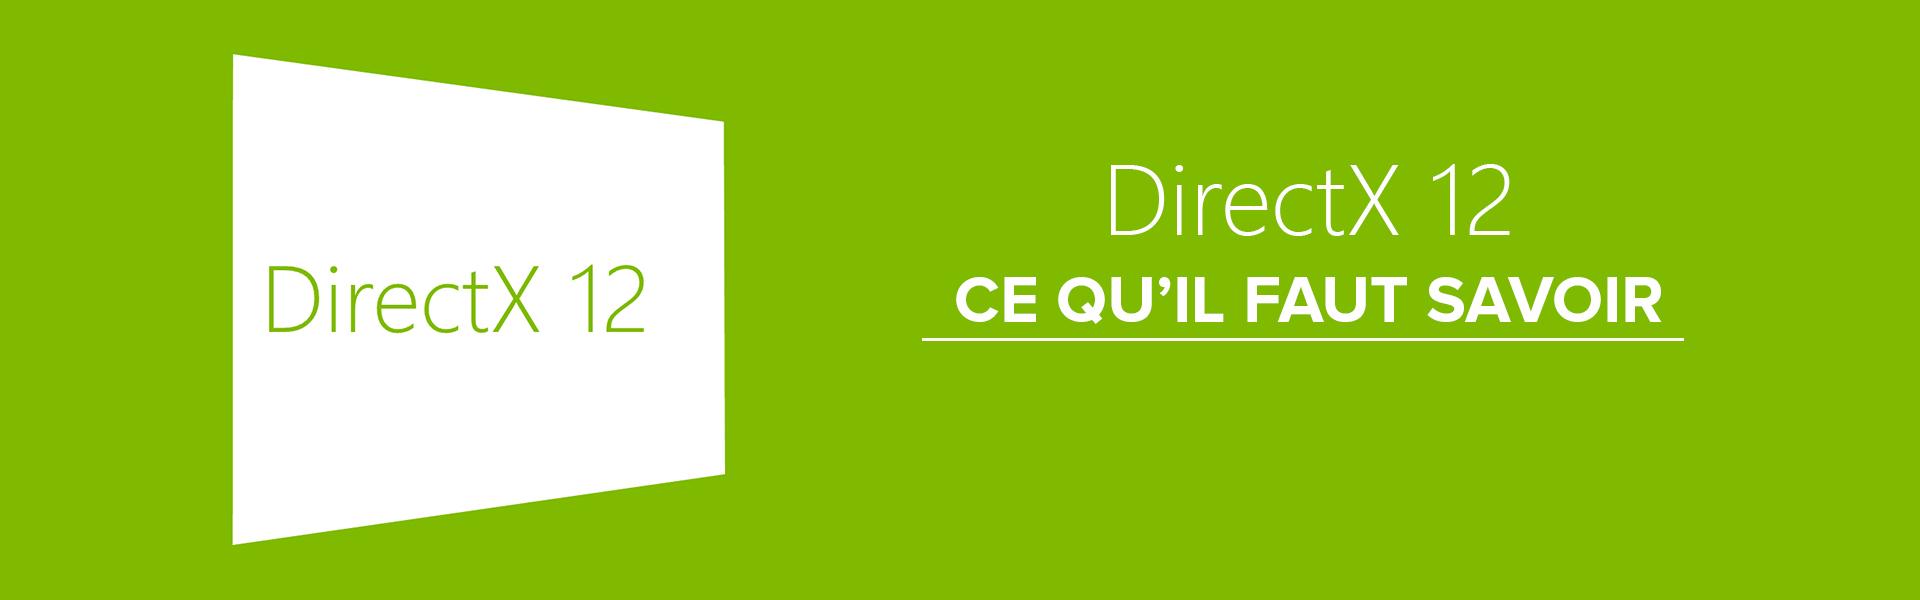 DirectX 12 - Tout ce qu'il faut savoir - Trade Discount